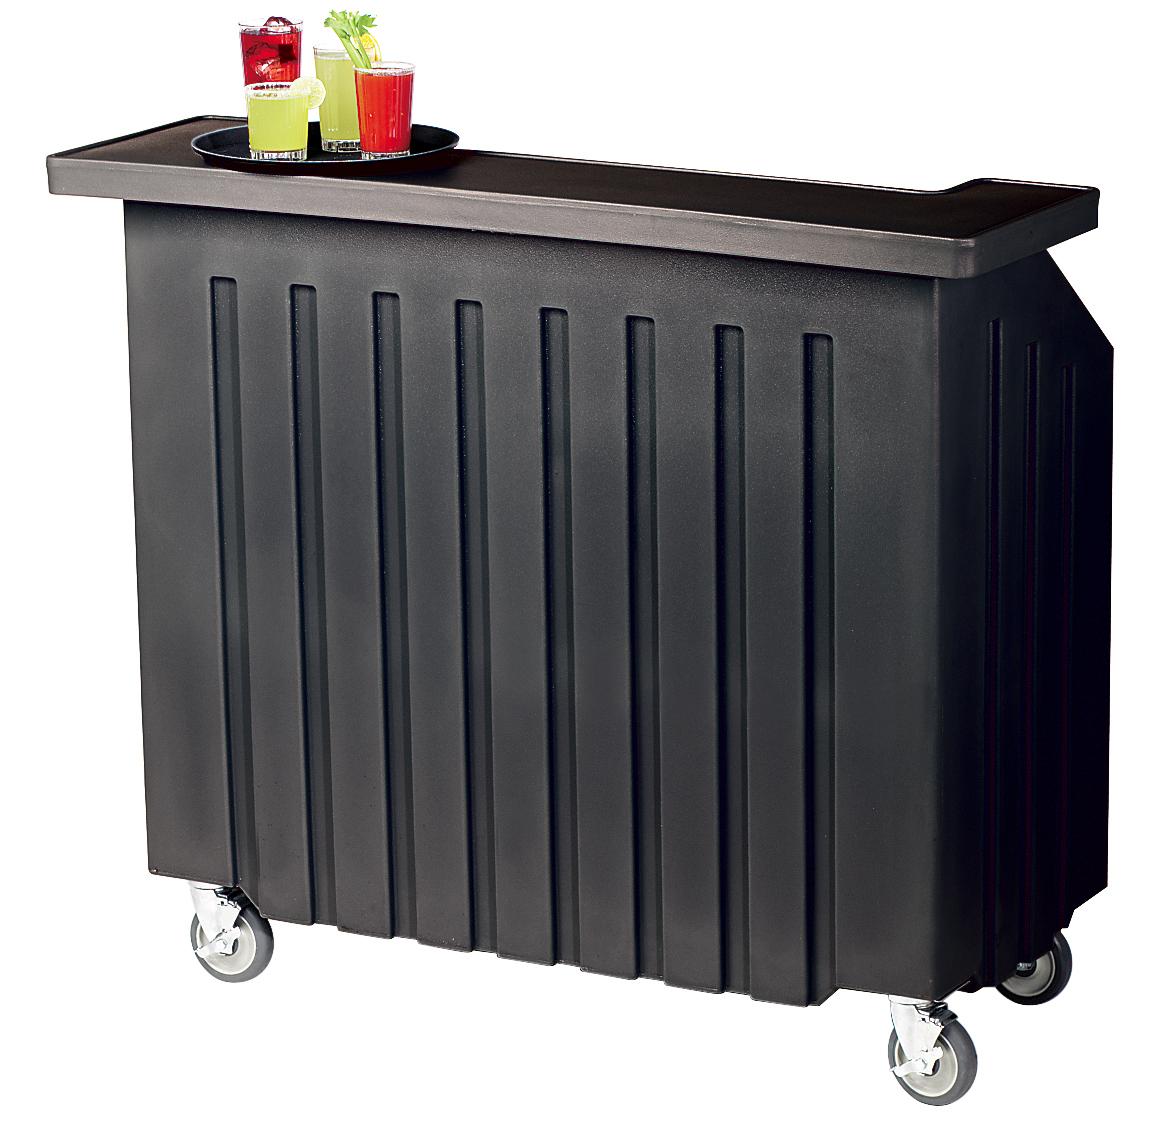 Cambro BAR540110 portable bar